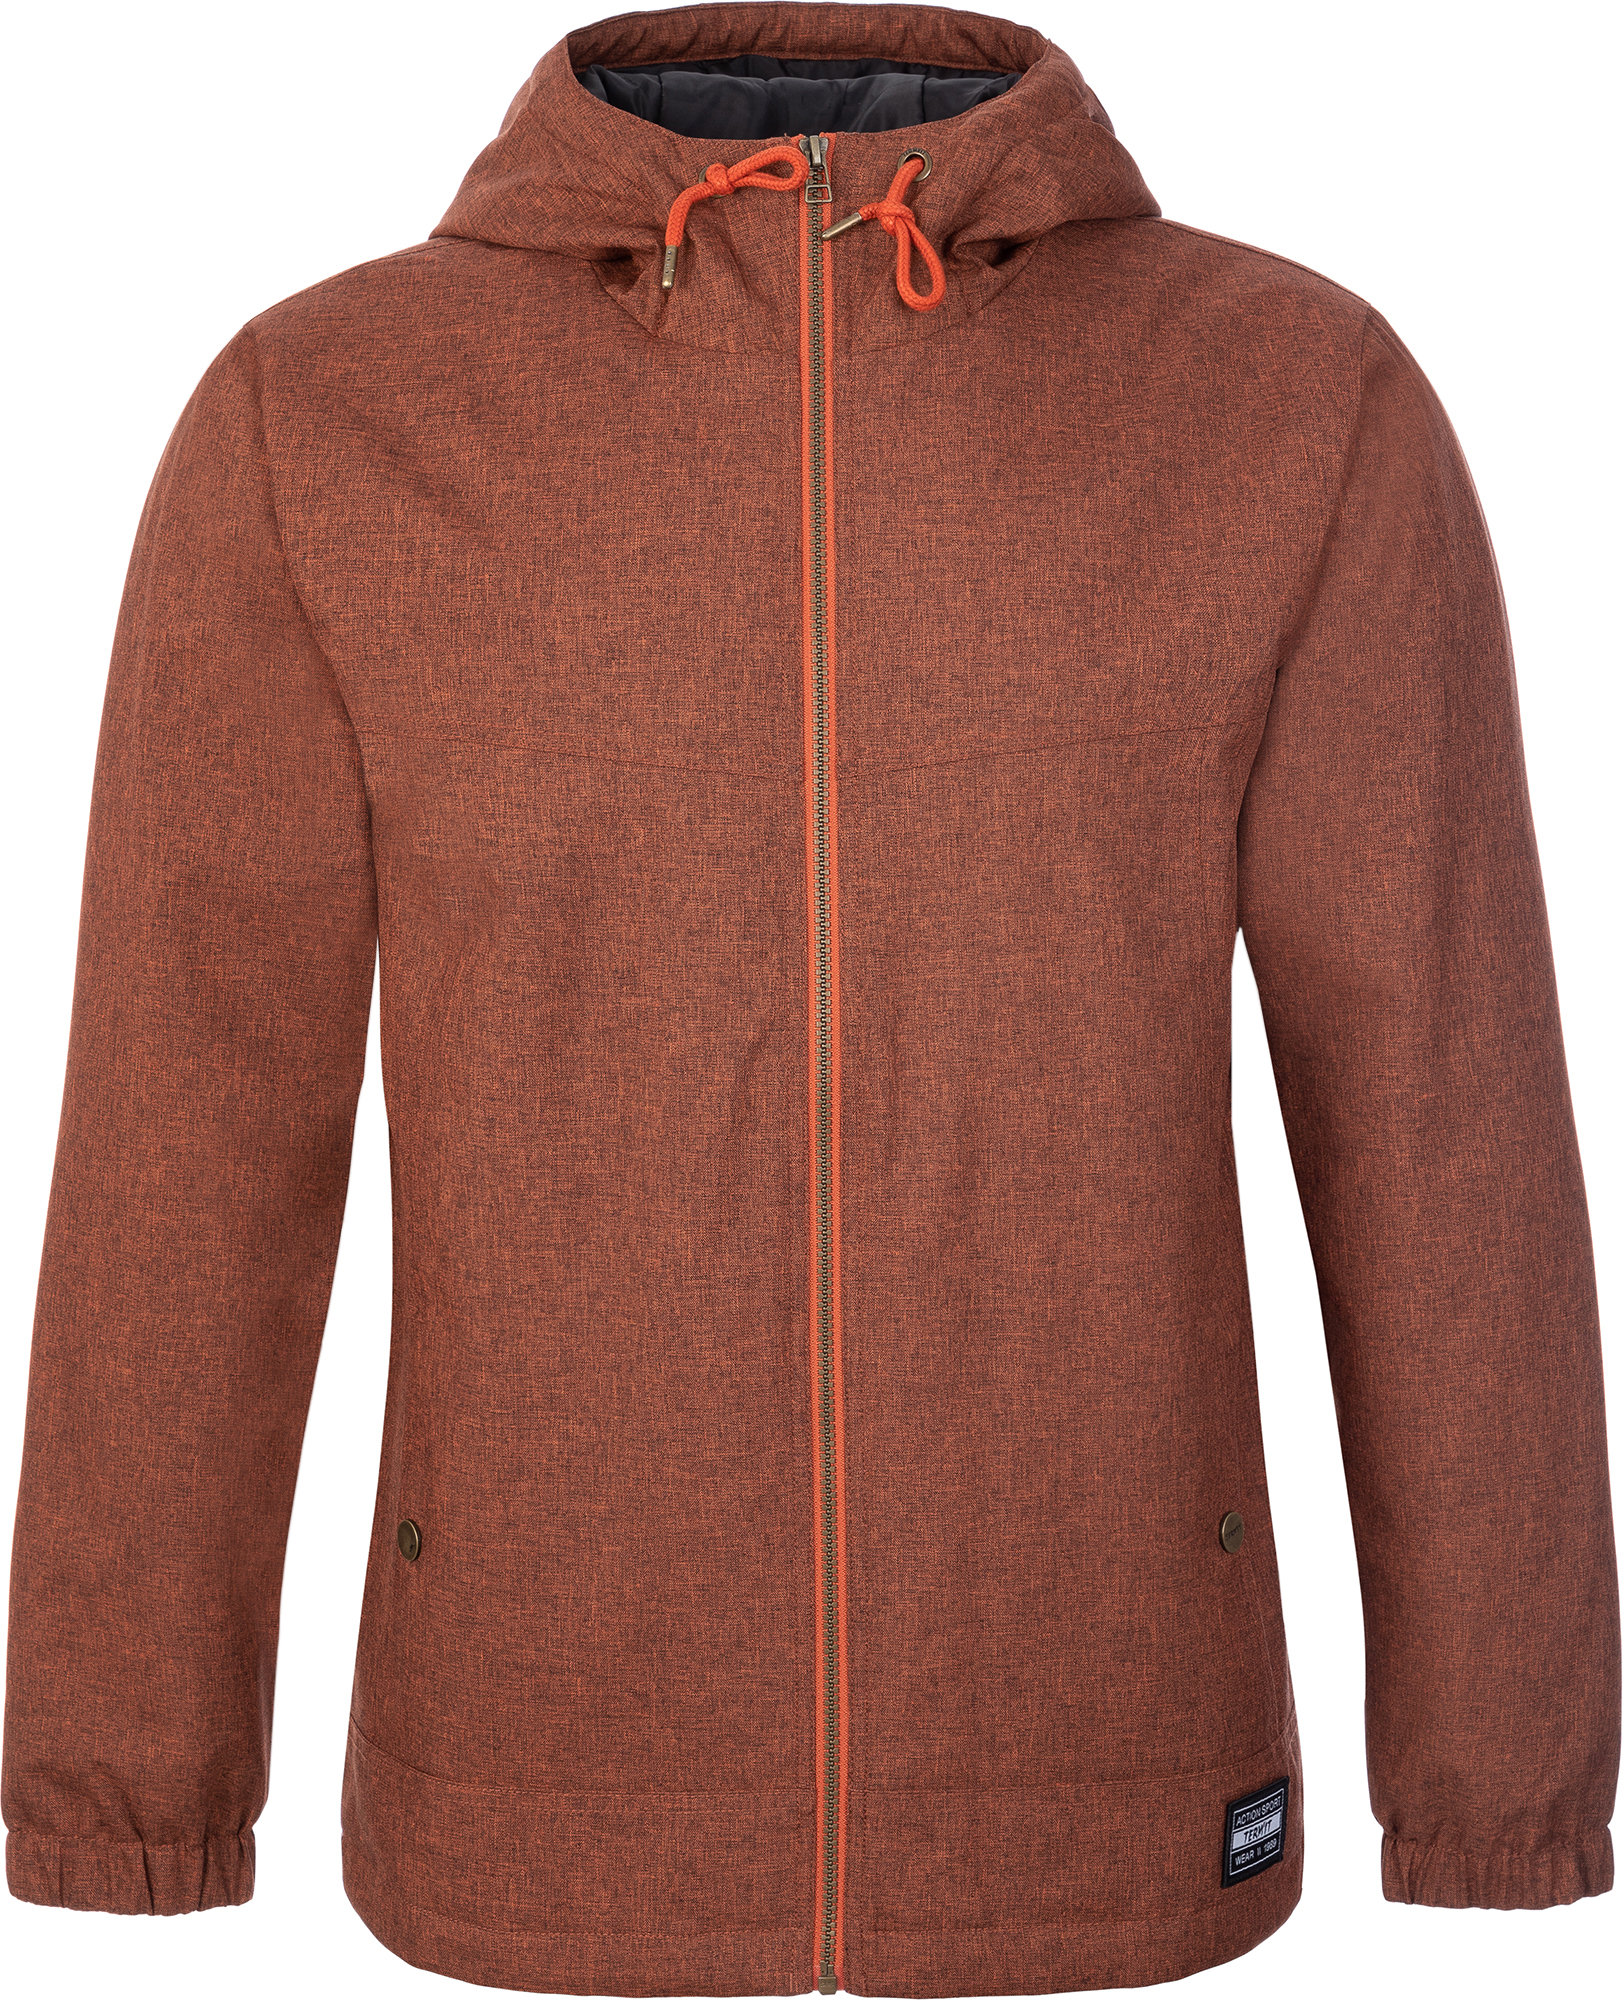 купить Termit Куртка утепленная мужская Termit, размер 44 по цене 2519 рублей